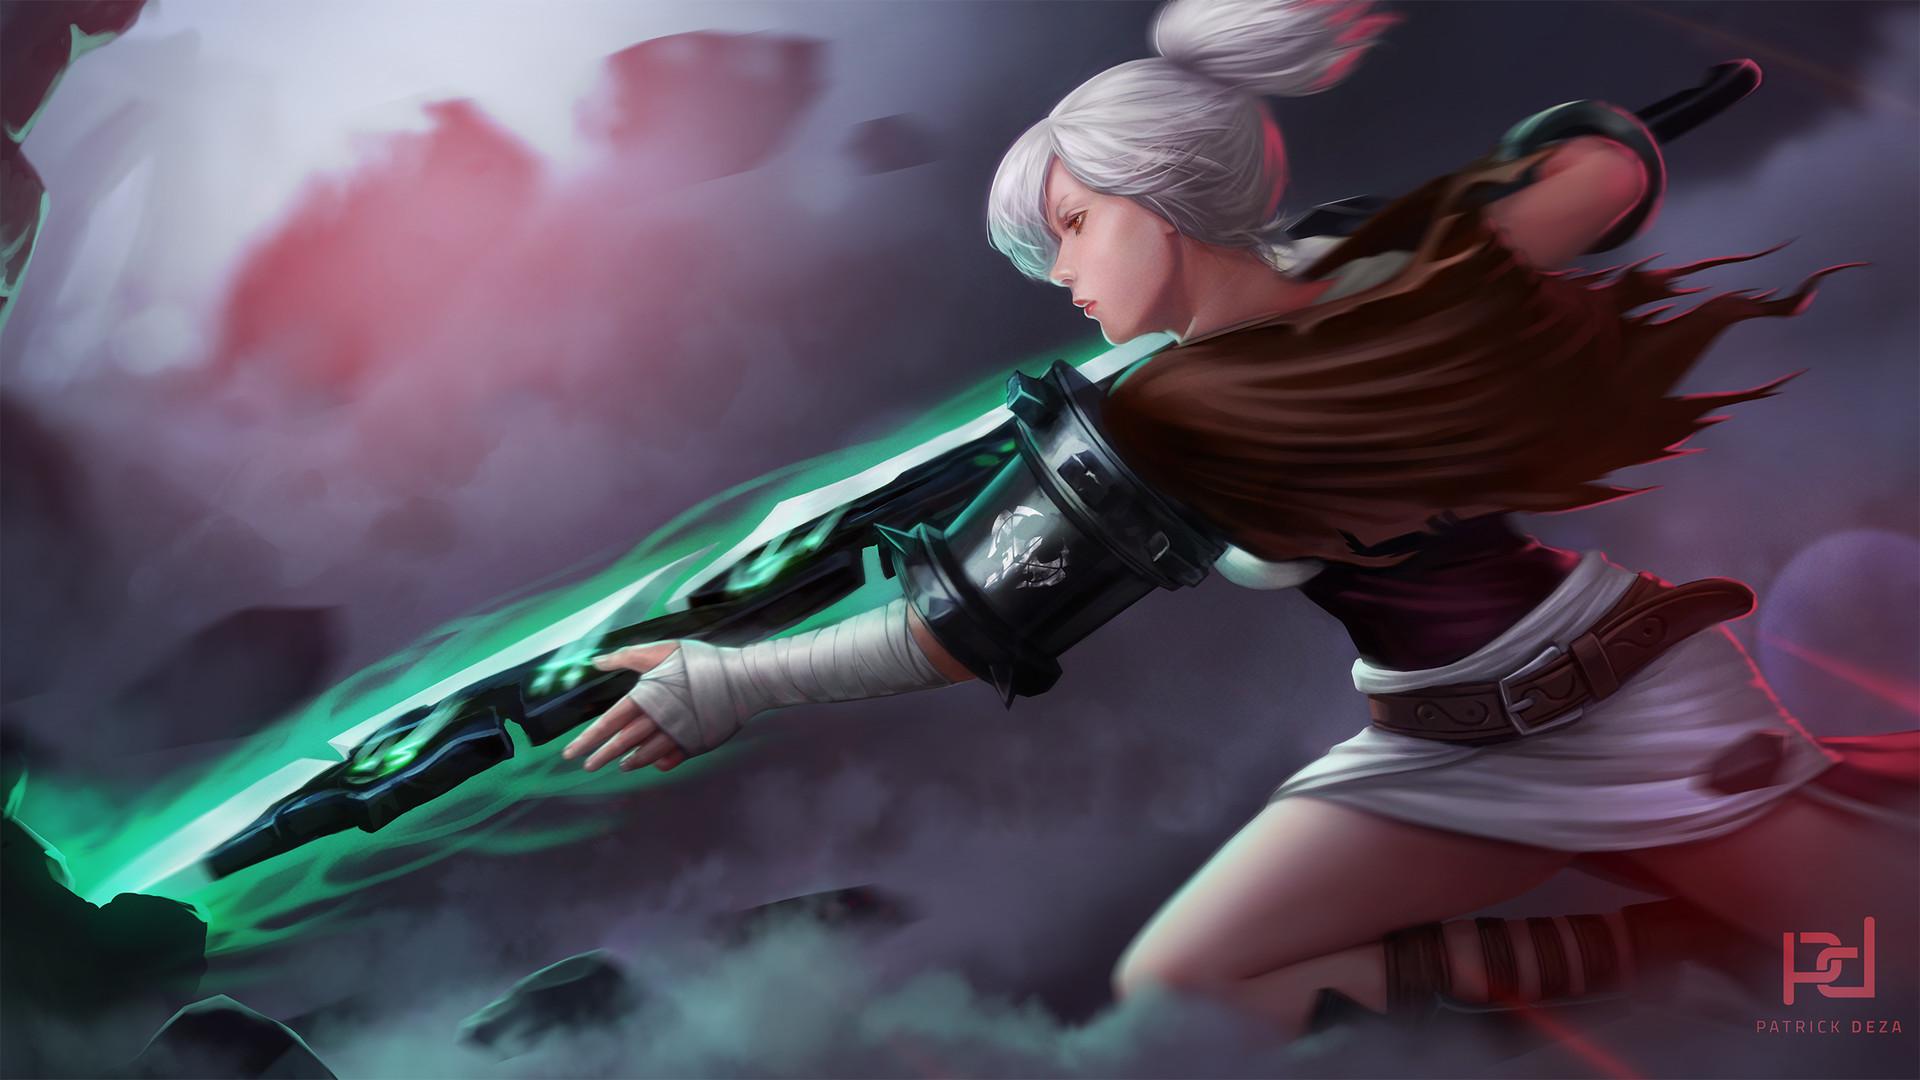 patrick deza - riven - the exile league of legends fanart